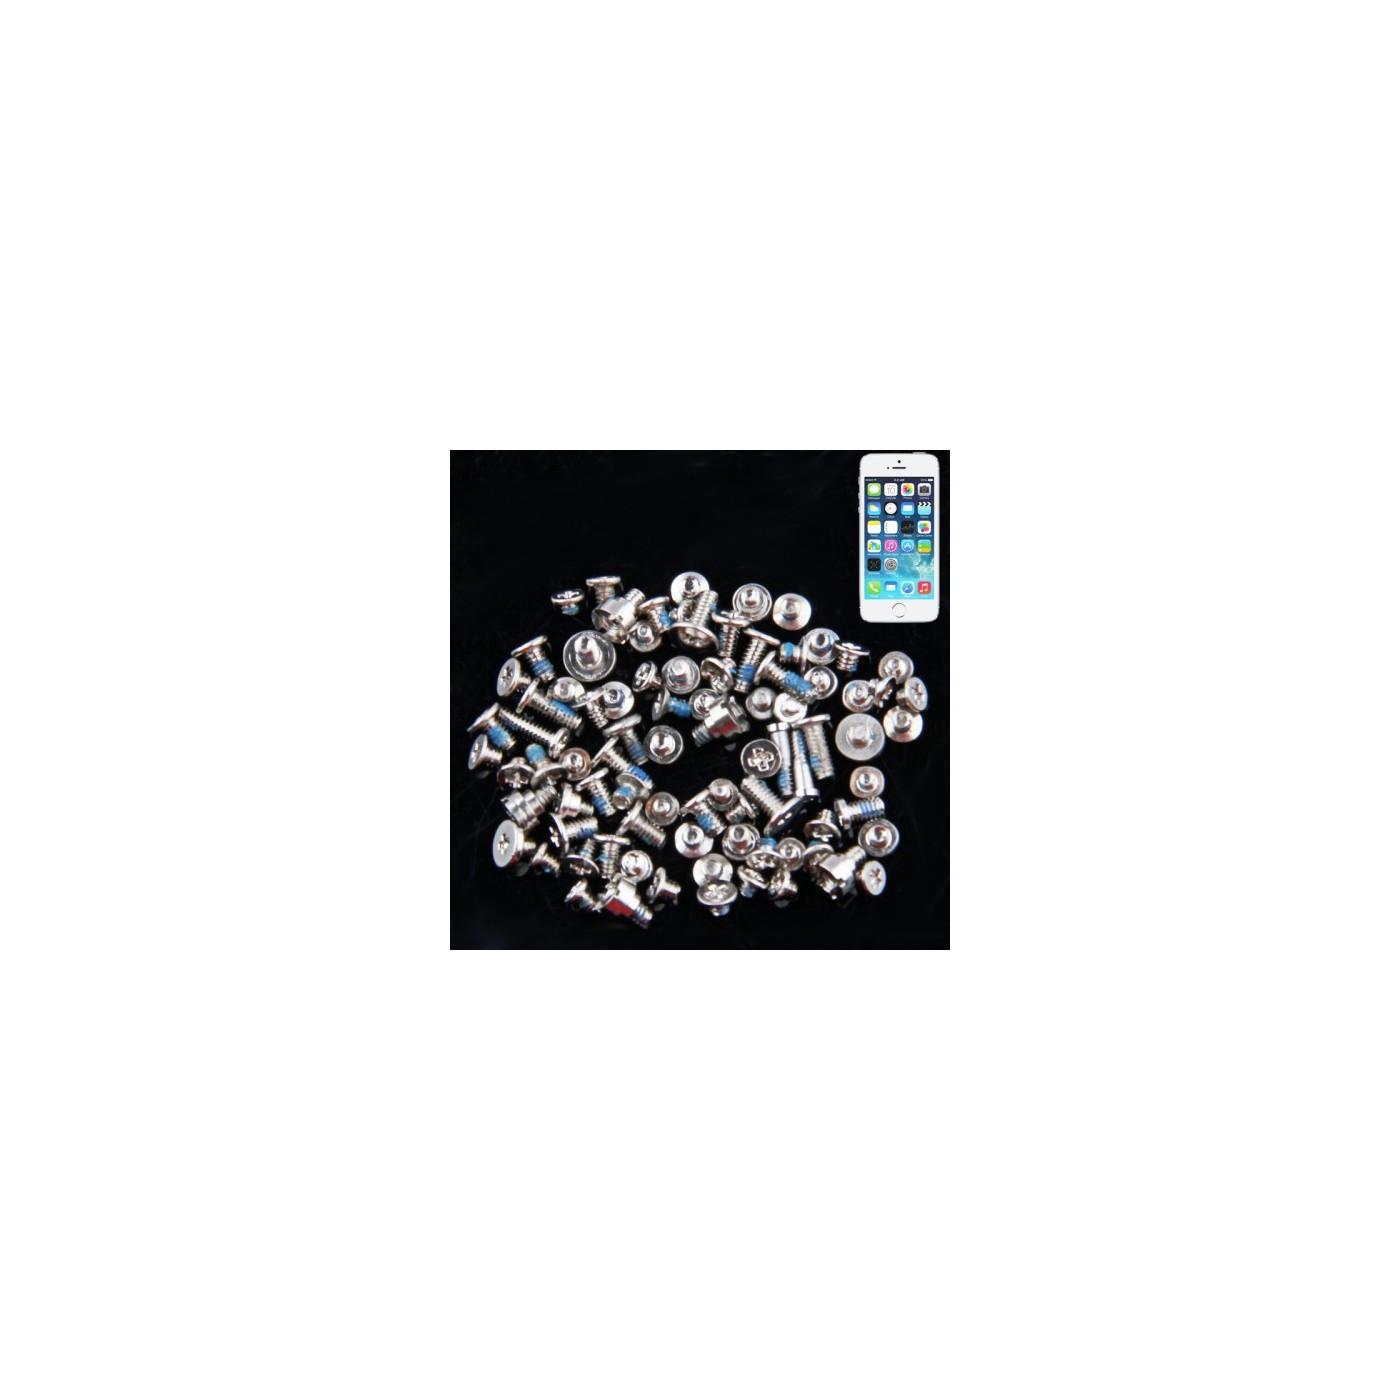 Jeu de vis pour iphone 5s Jeu de vis